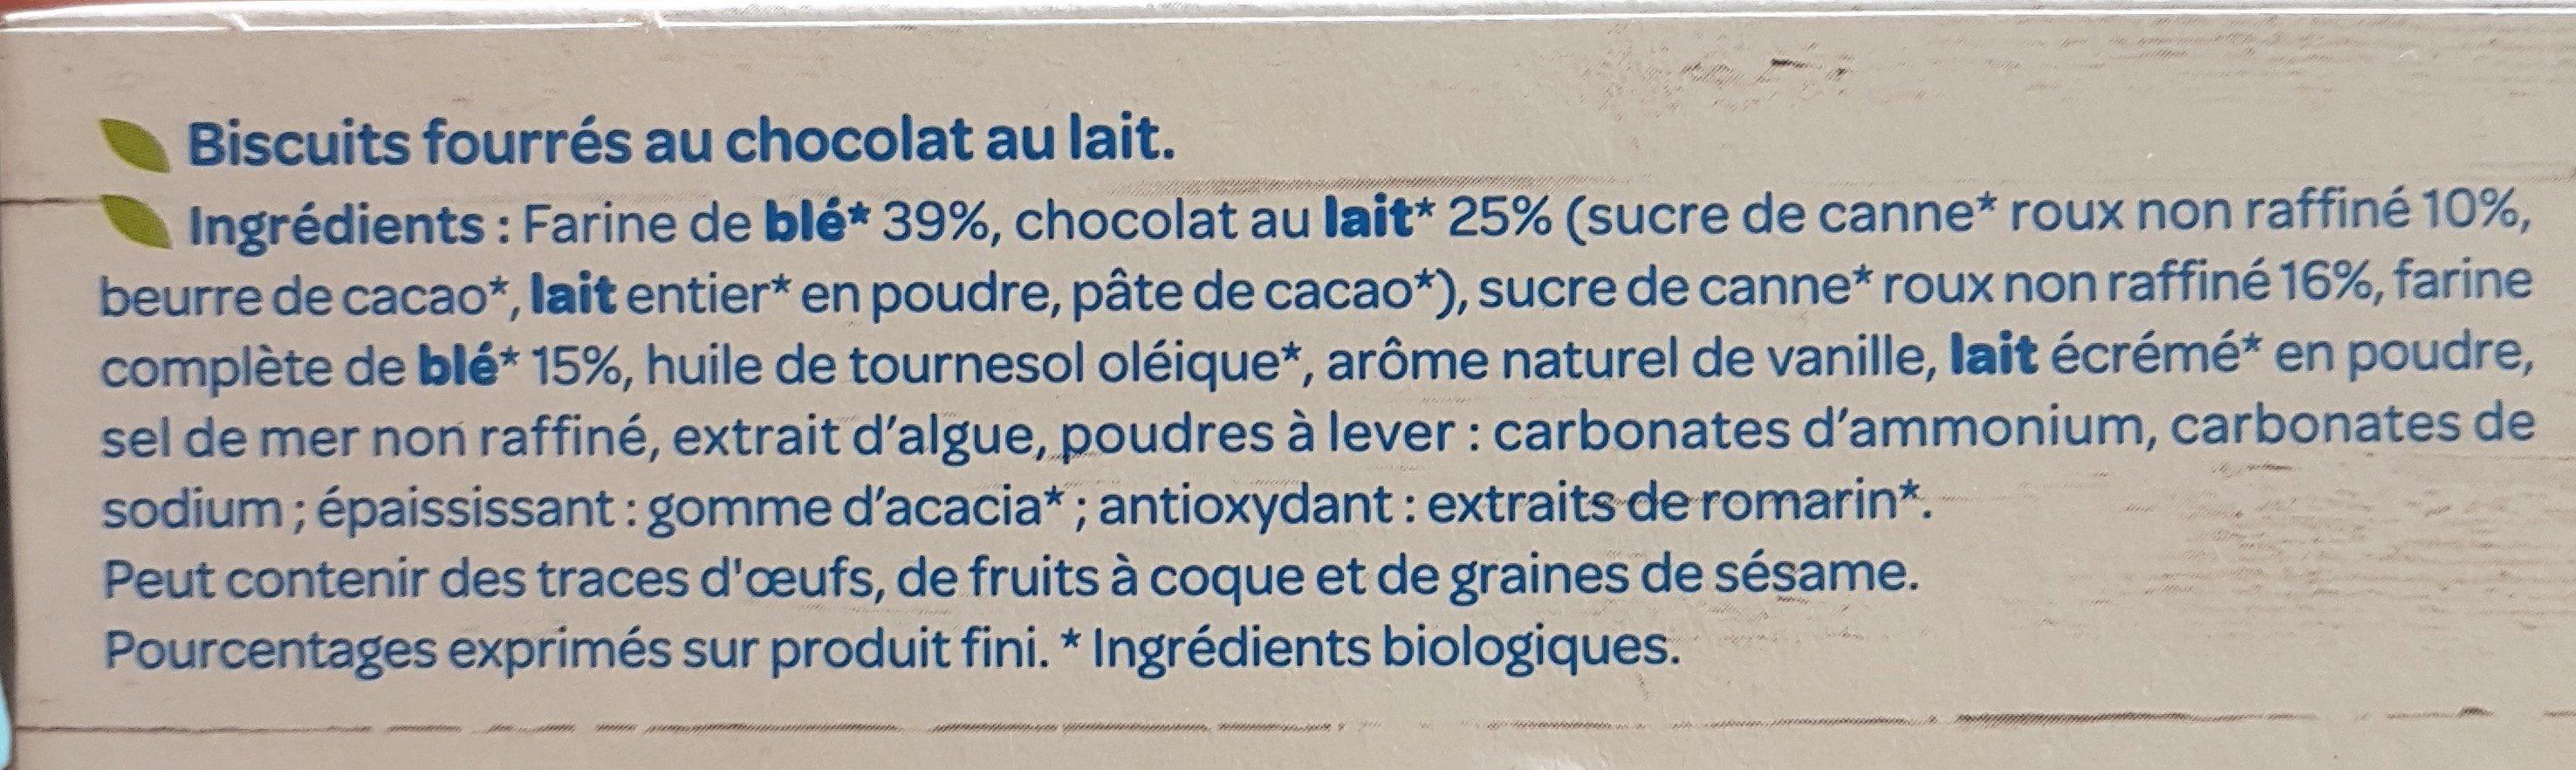 Fourrés Chocolat au lait BIO - Ingrédients - fr